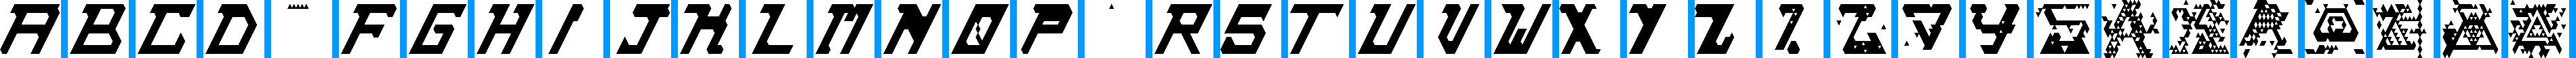 Particip-a-type v.230